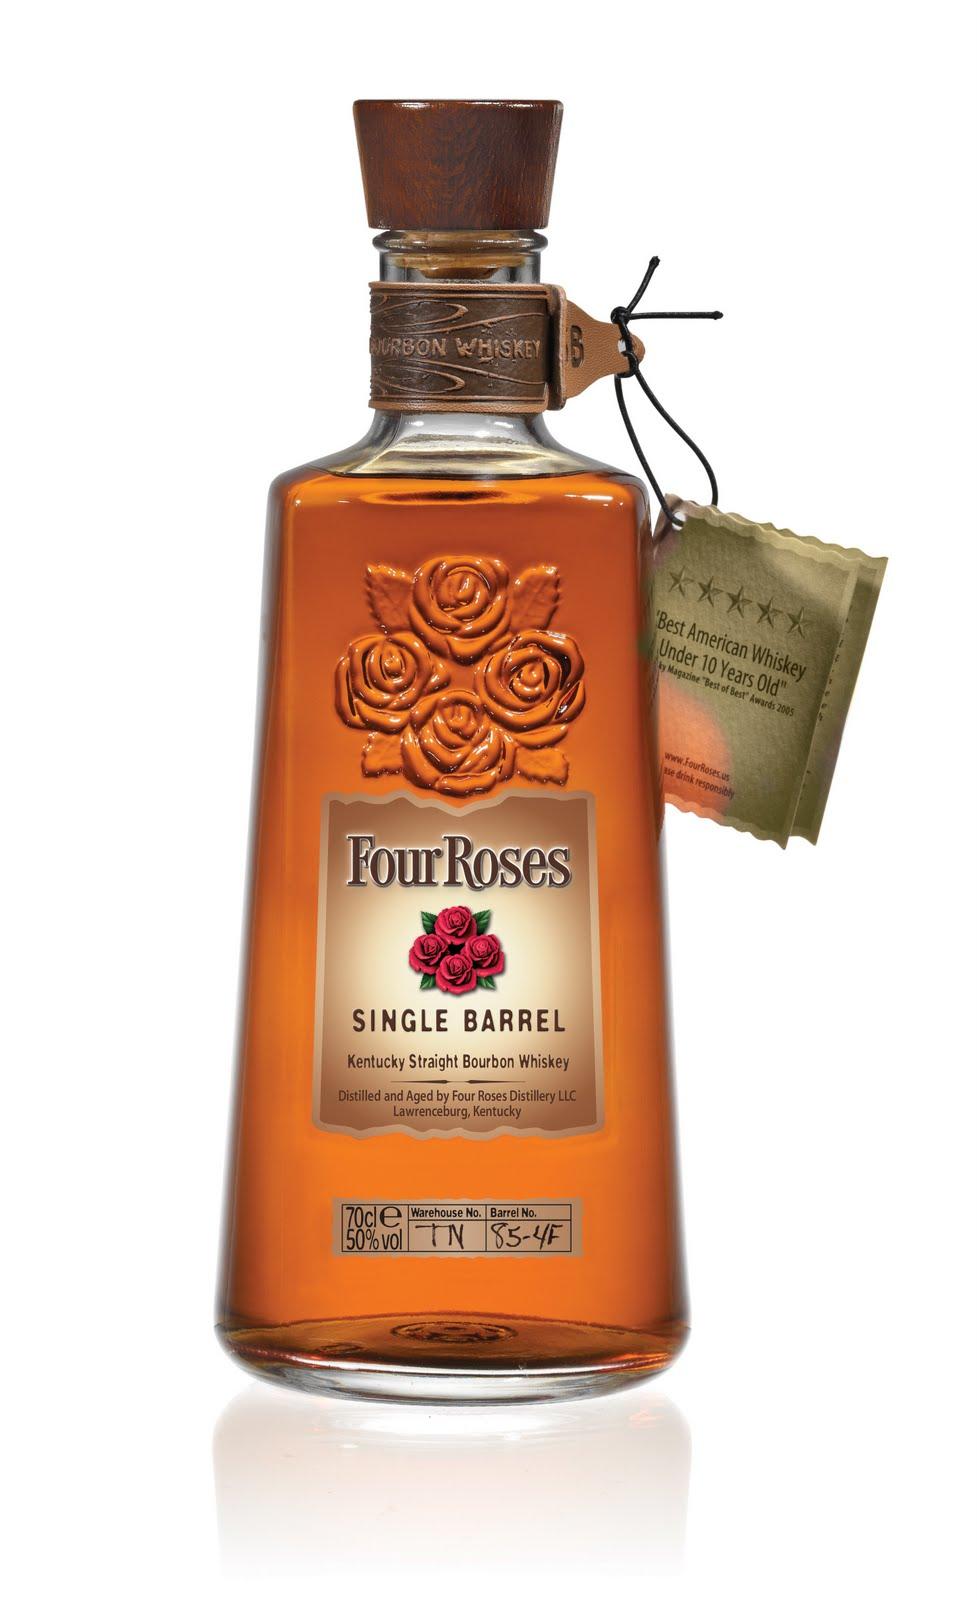 Blind Tastes: Bourbon Bargain Alert - Four Roses Single Barrel